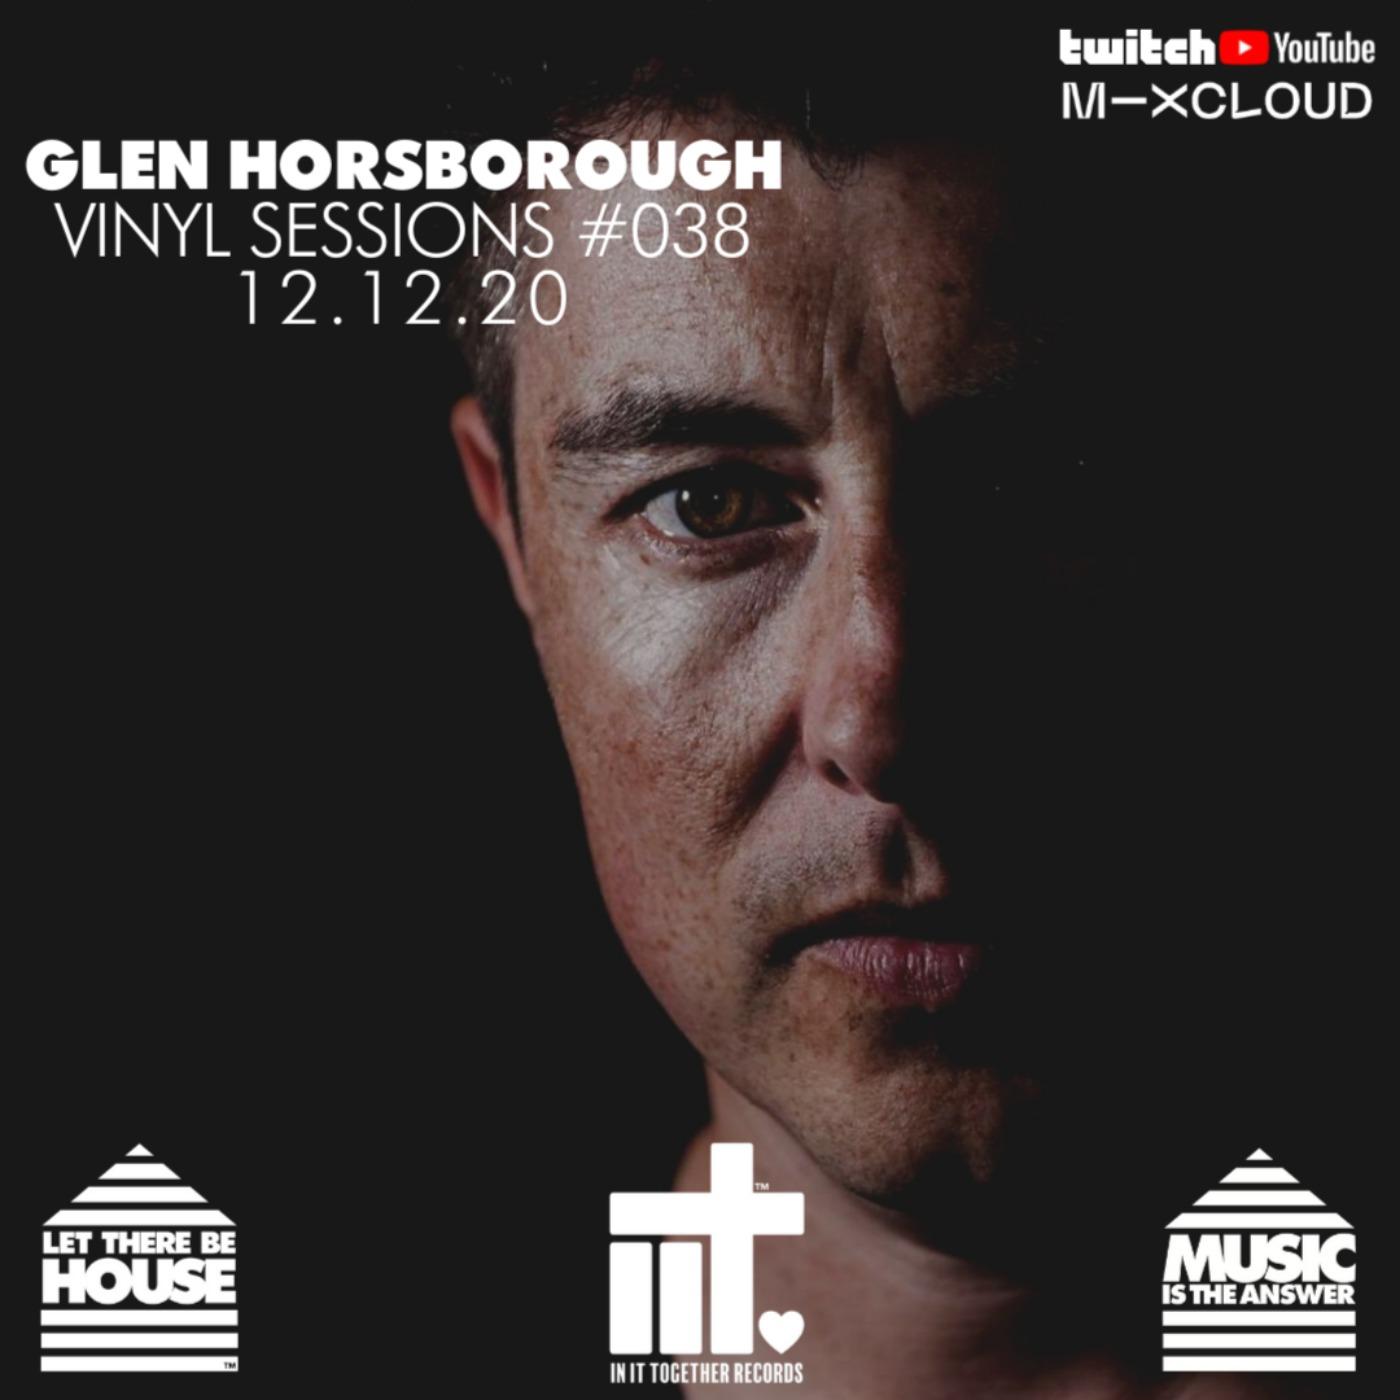 Glen Horsborough Vinyl Sessions #038